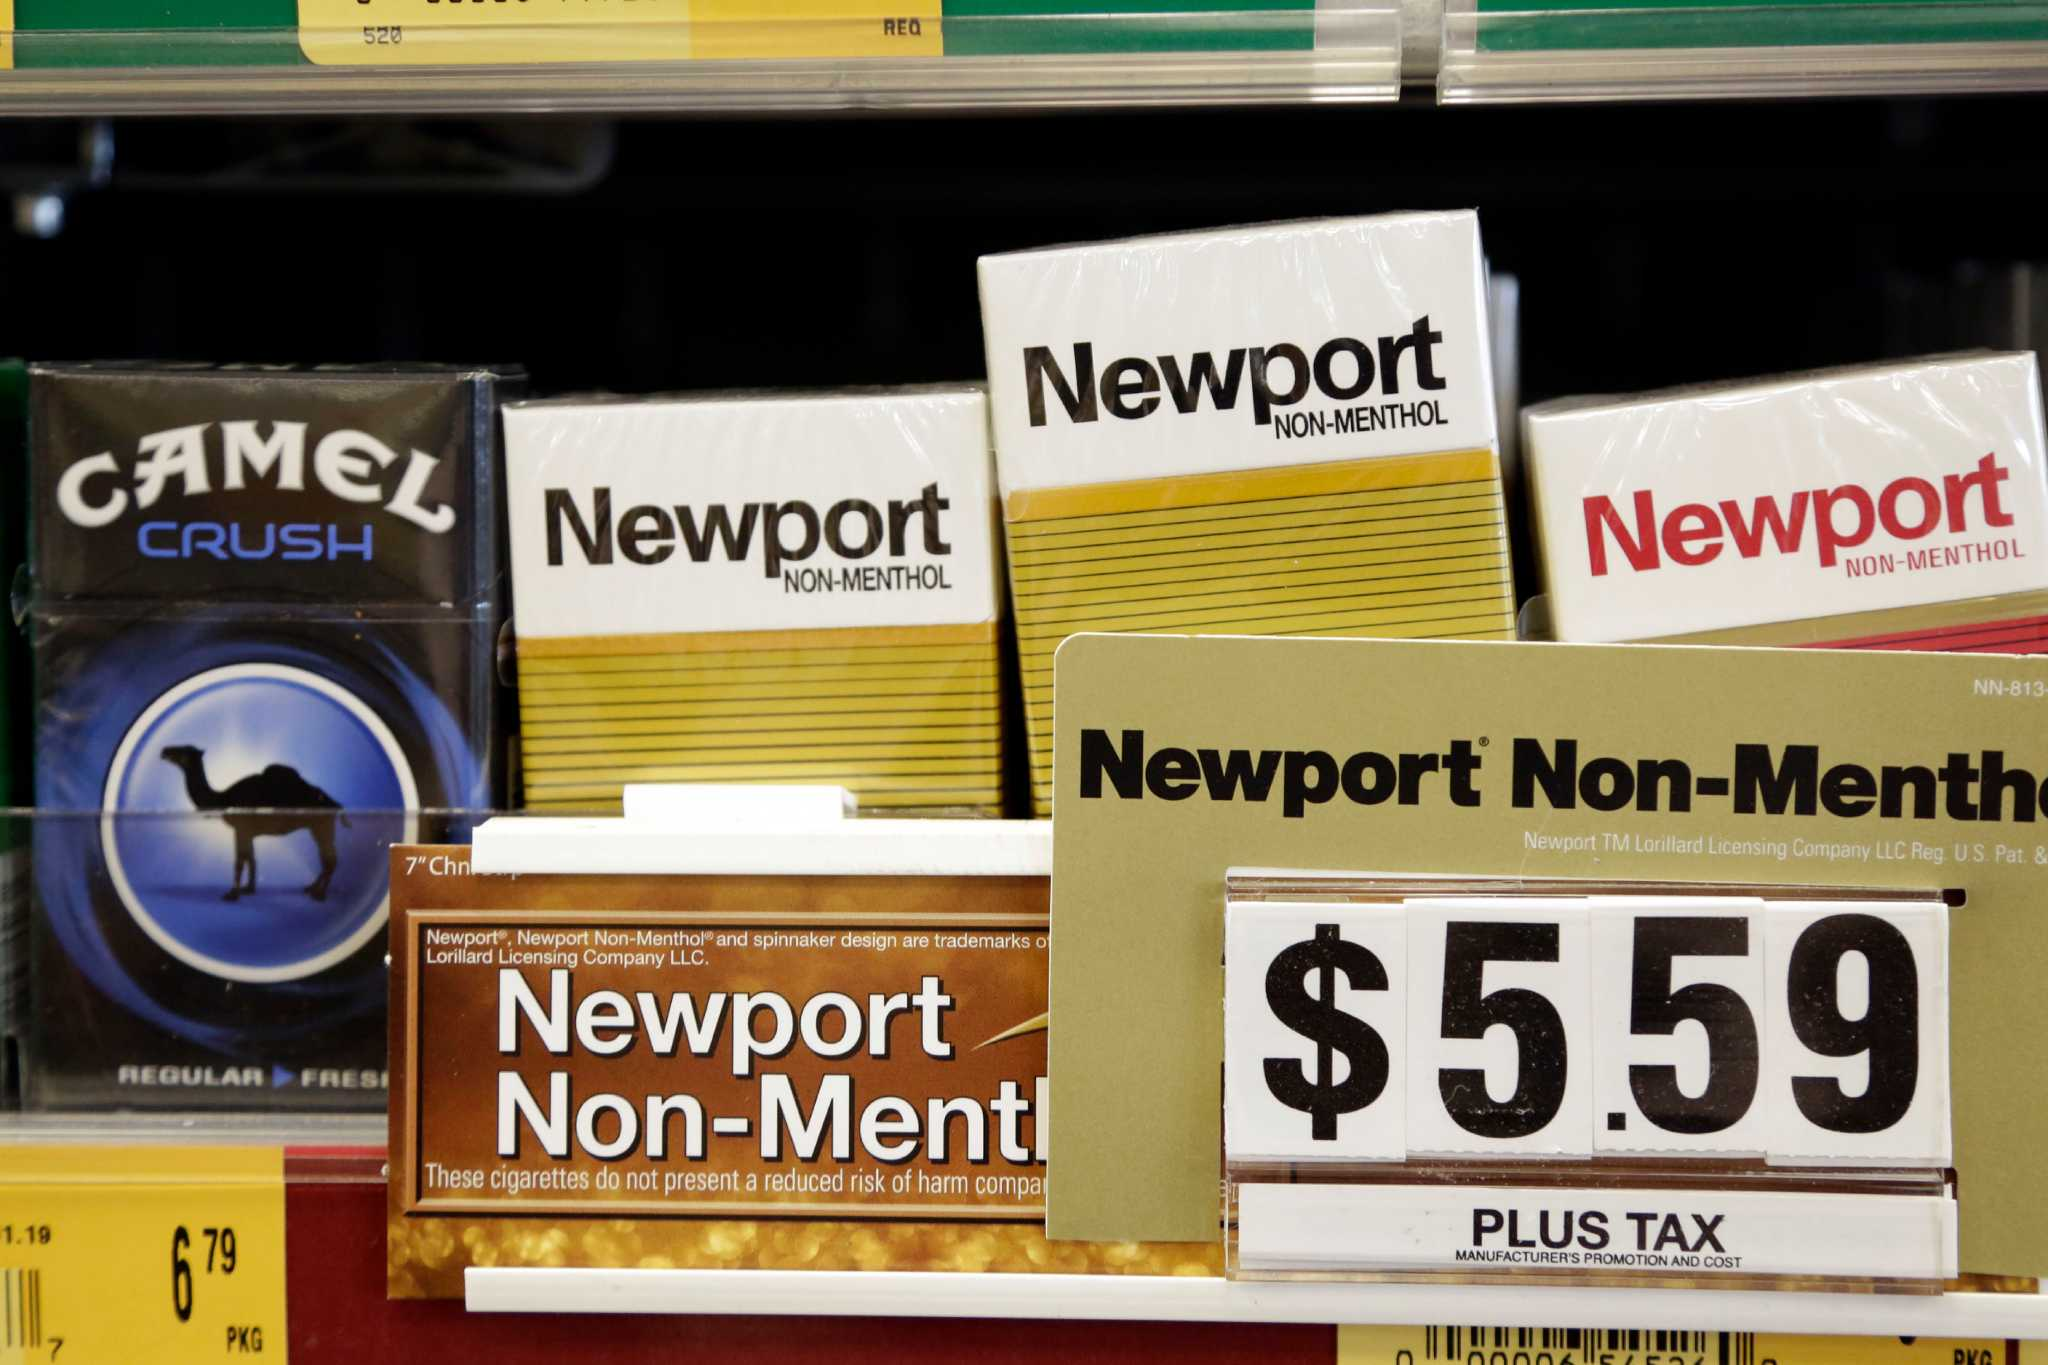 Makes California classic cigarettes Marlboro